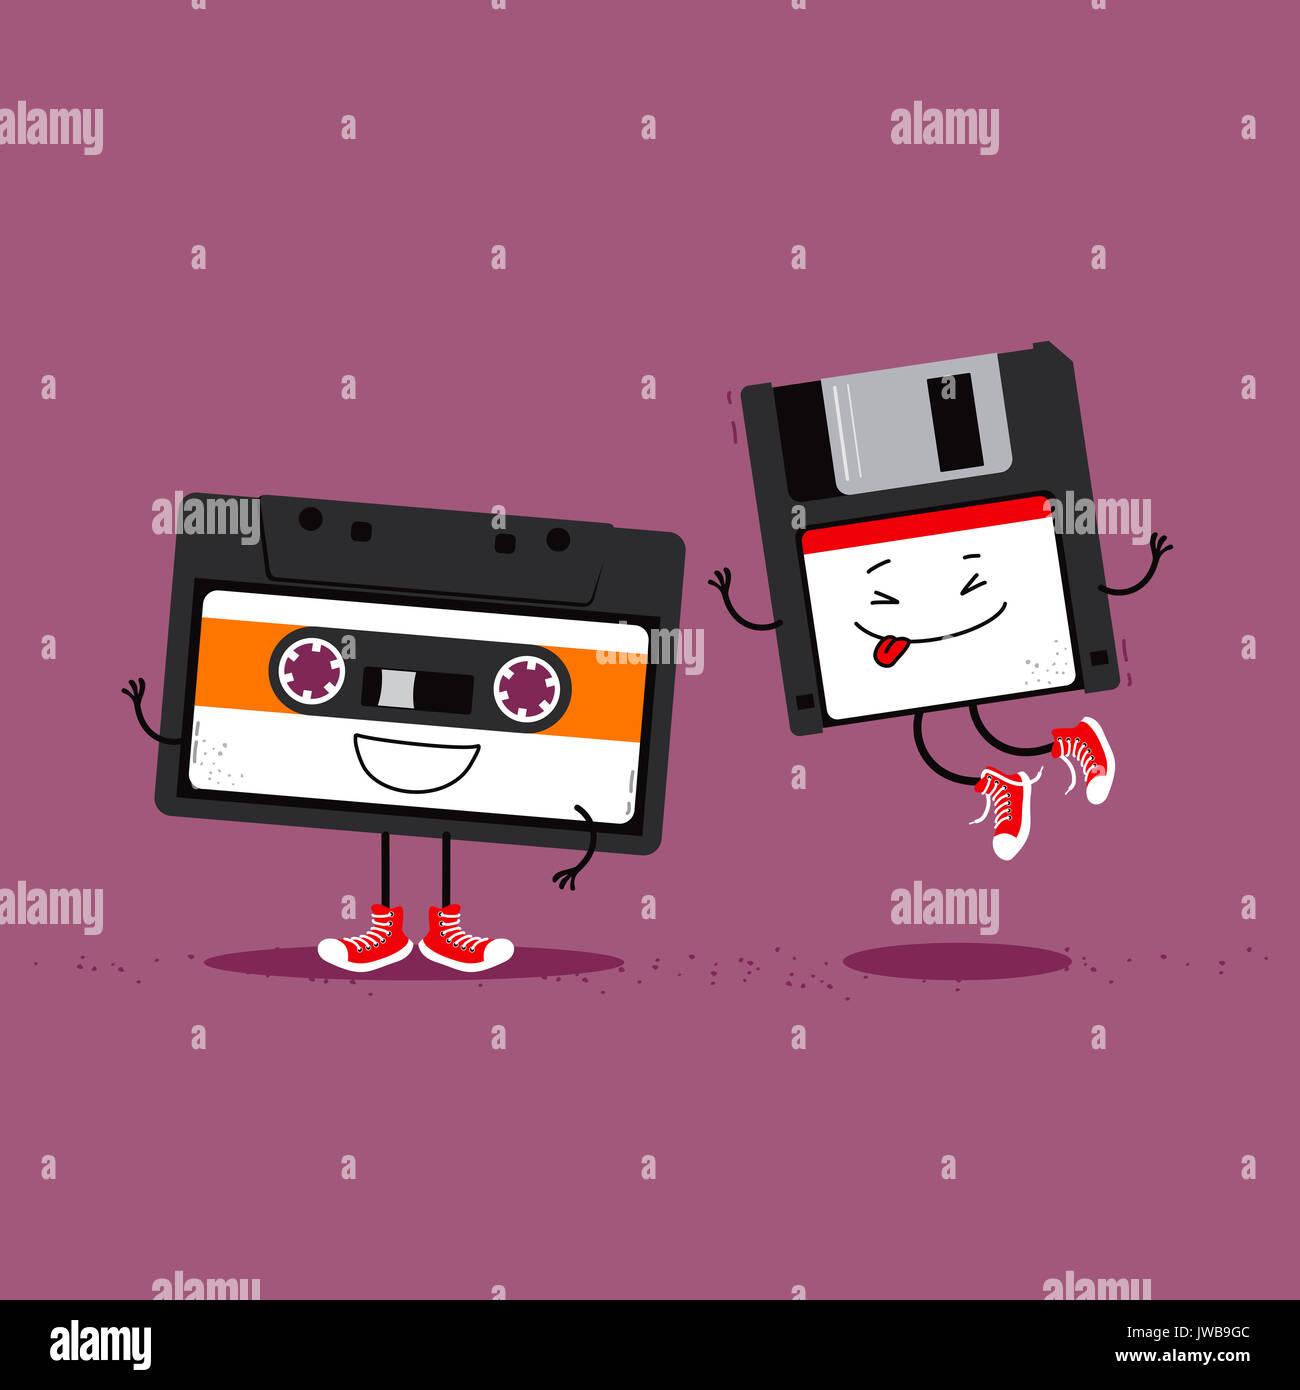 Audio Kassette und Diskette. Lustige Cartoon Illustration über Retro Gadgets von der 80er und 90er Jahre Stockbild